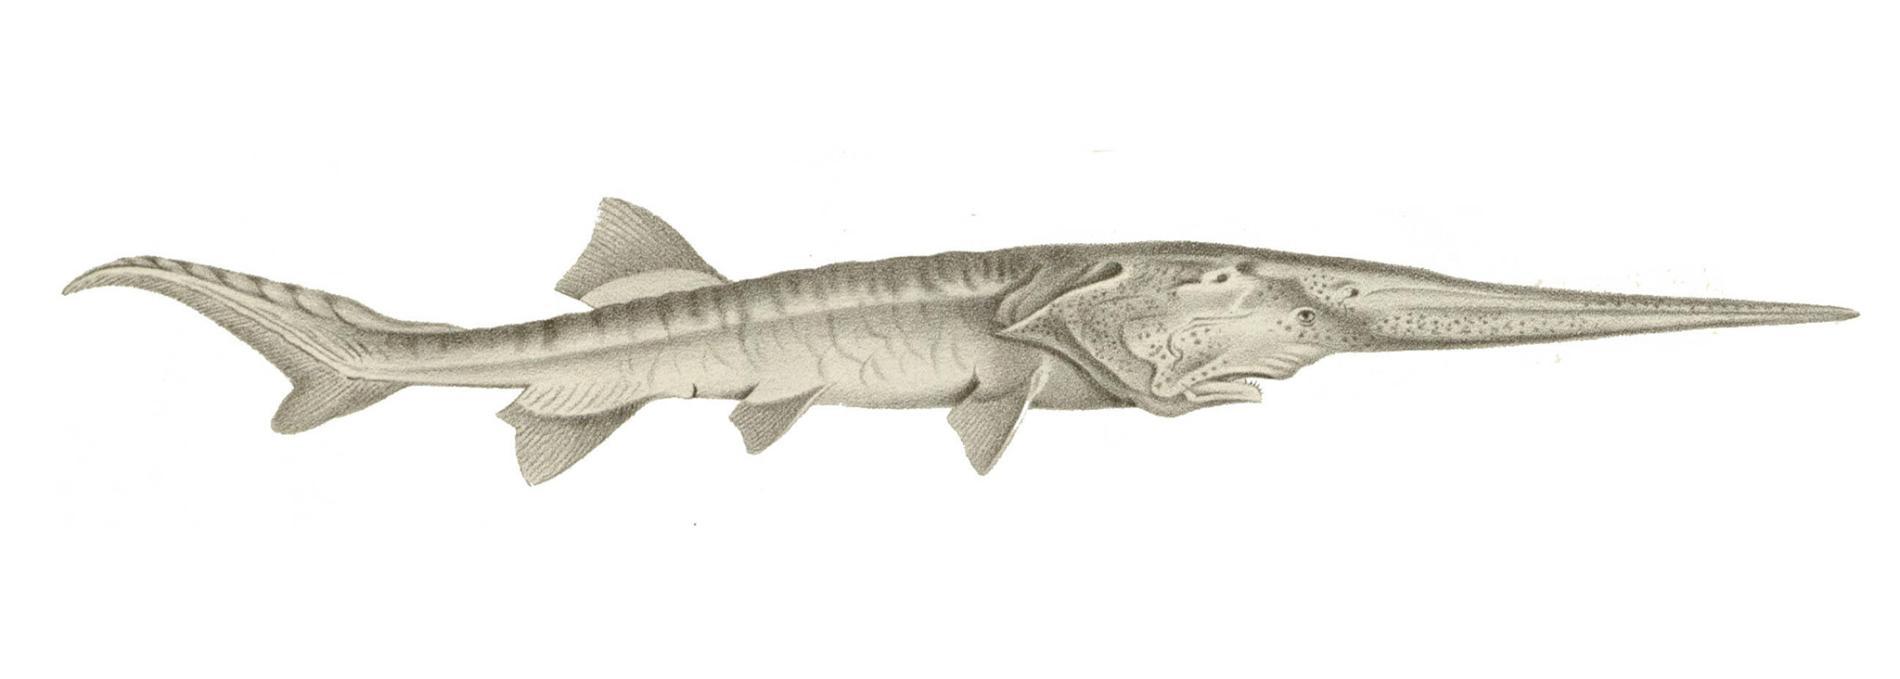 白鱘長著像劍一般的長喙,這個像吻的構造上長滿了特殊的細胞,可偵測如甲殼動物之類獵物的電子活動。白鱘的分布範圍很廣,距離遍及整個長江流域盆地的廣闊範圍,甚至還會一路游到東海。PHOTOGRAPH BY FLHC1, ALAMY